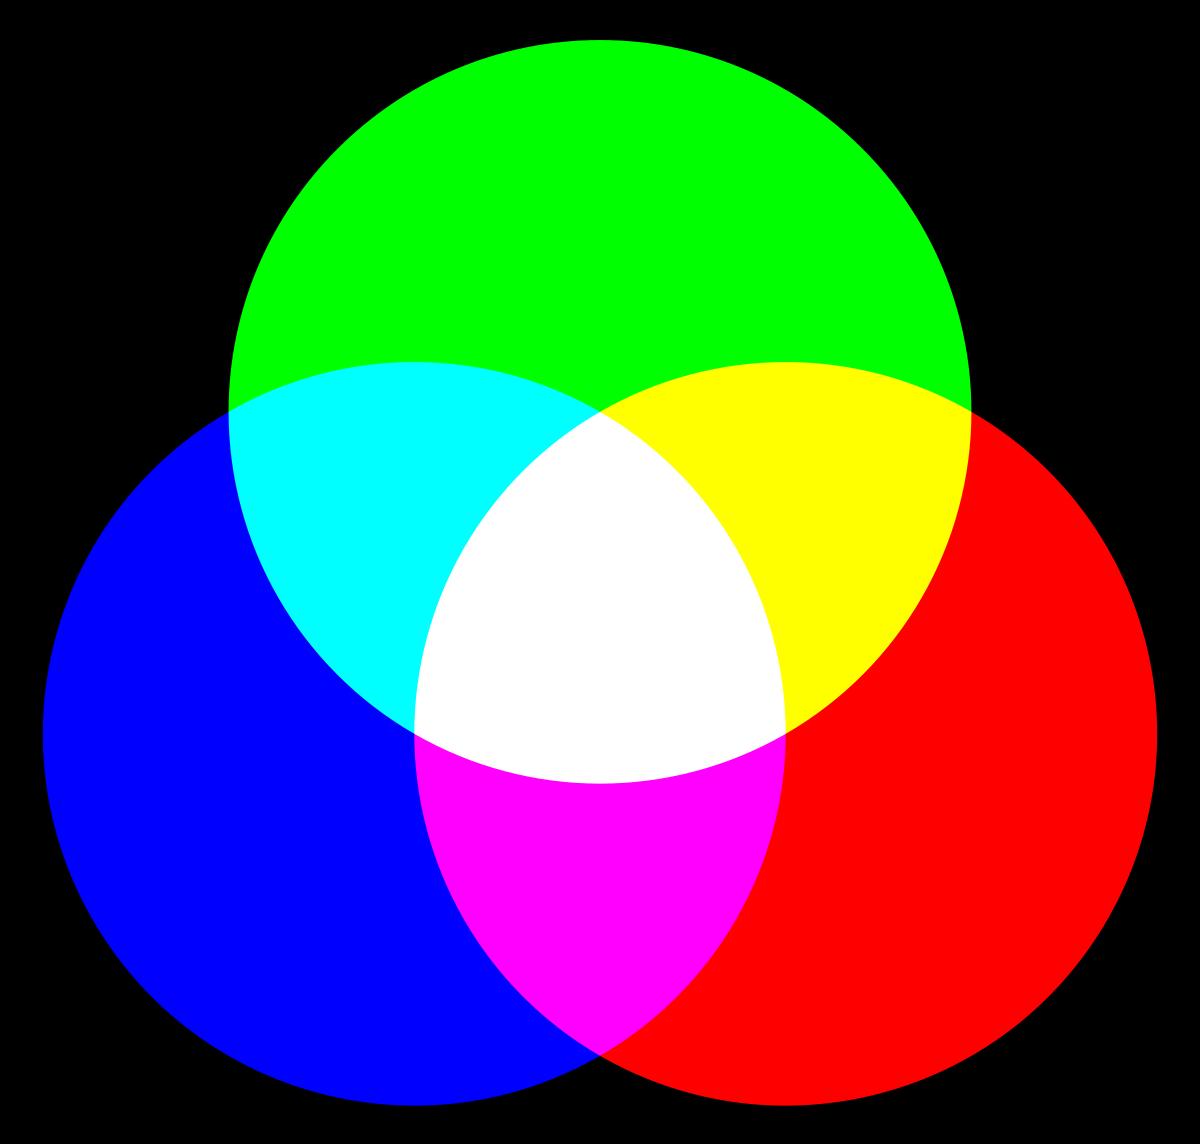 Giao thoa 3 ánh sáng đơn sắc